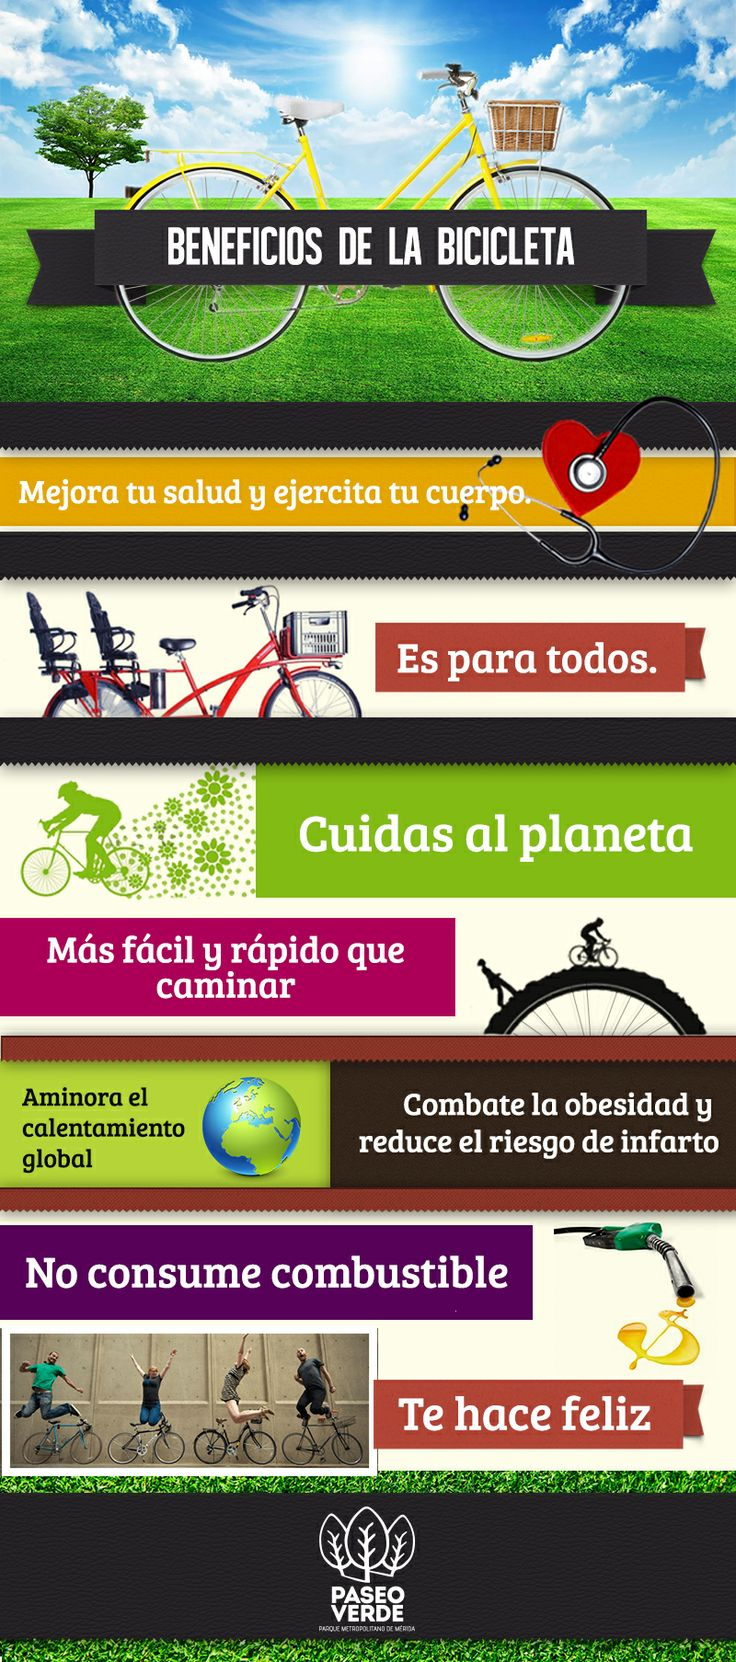 Infografía Bicicleta #Salud #BeneficiosBicicleta